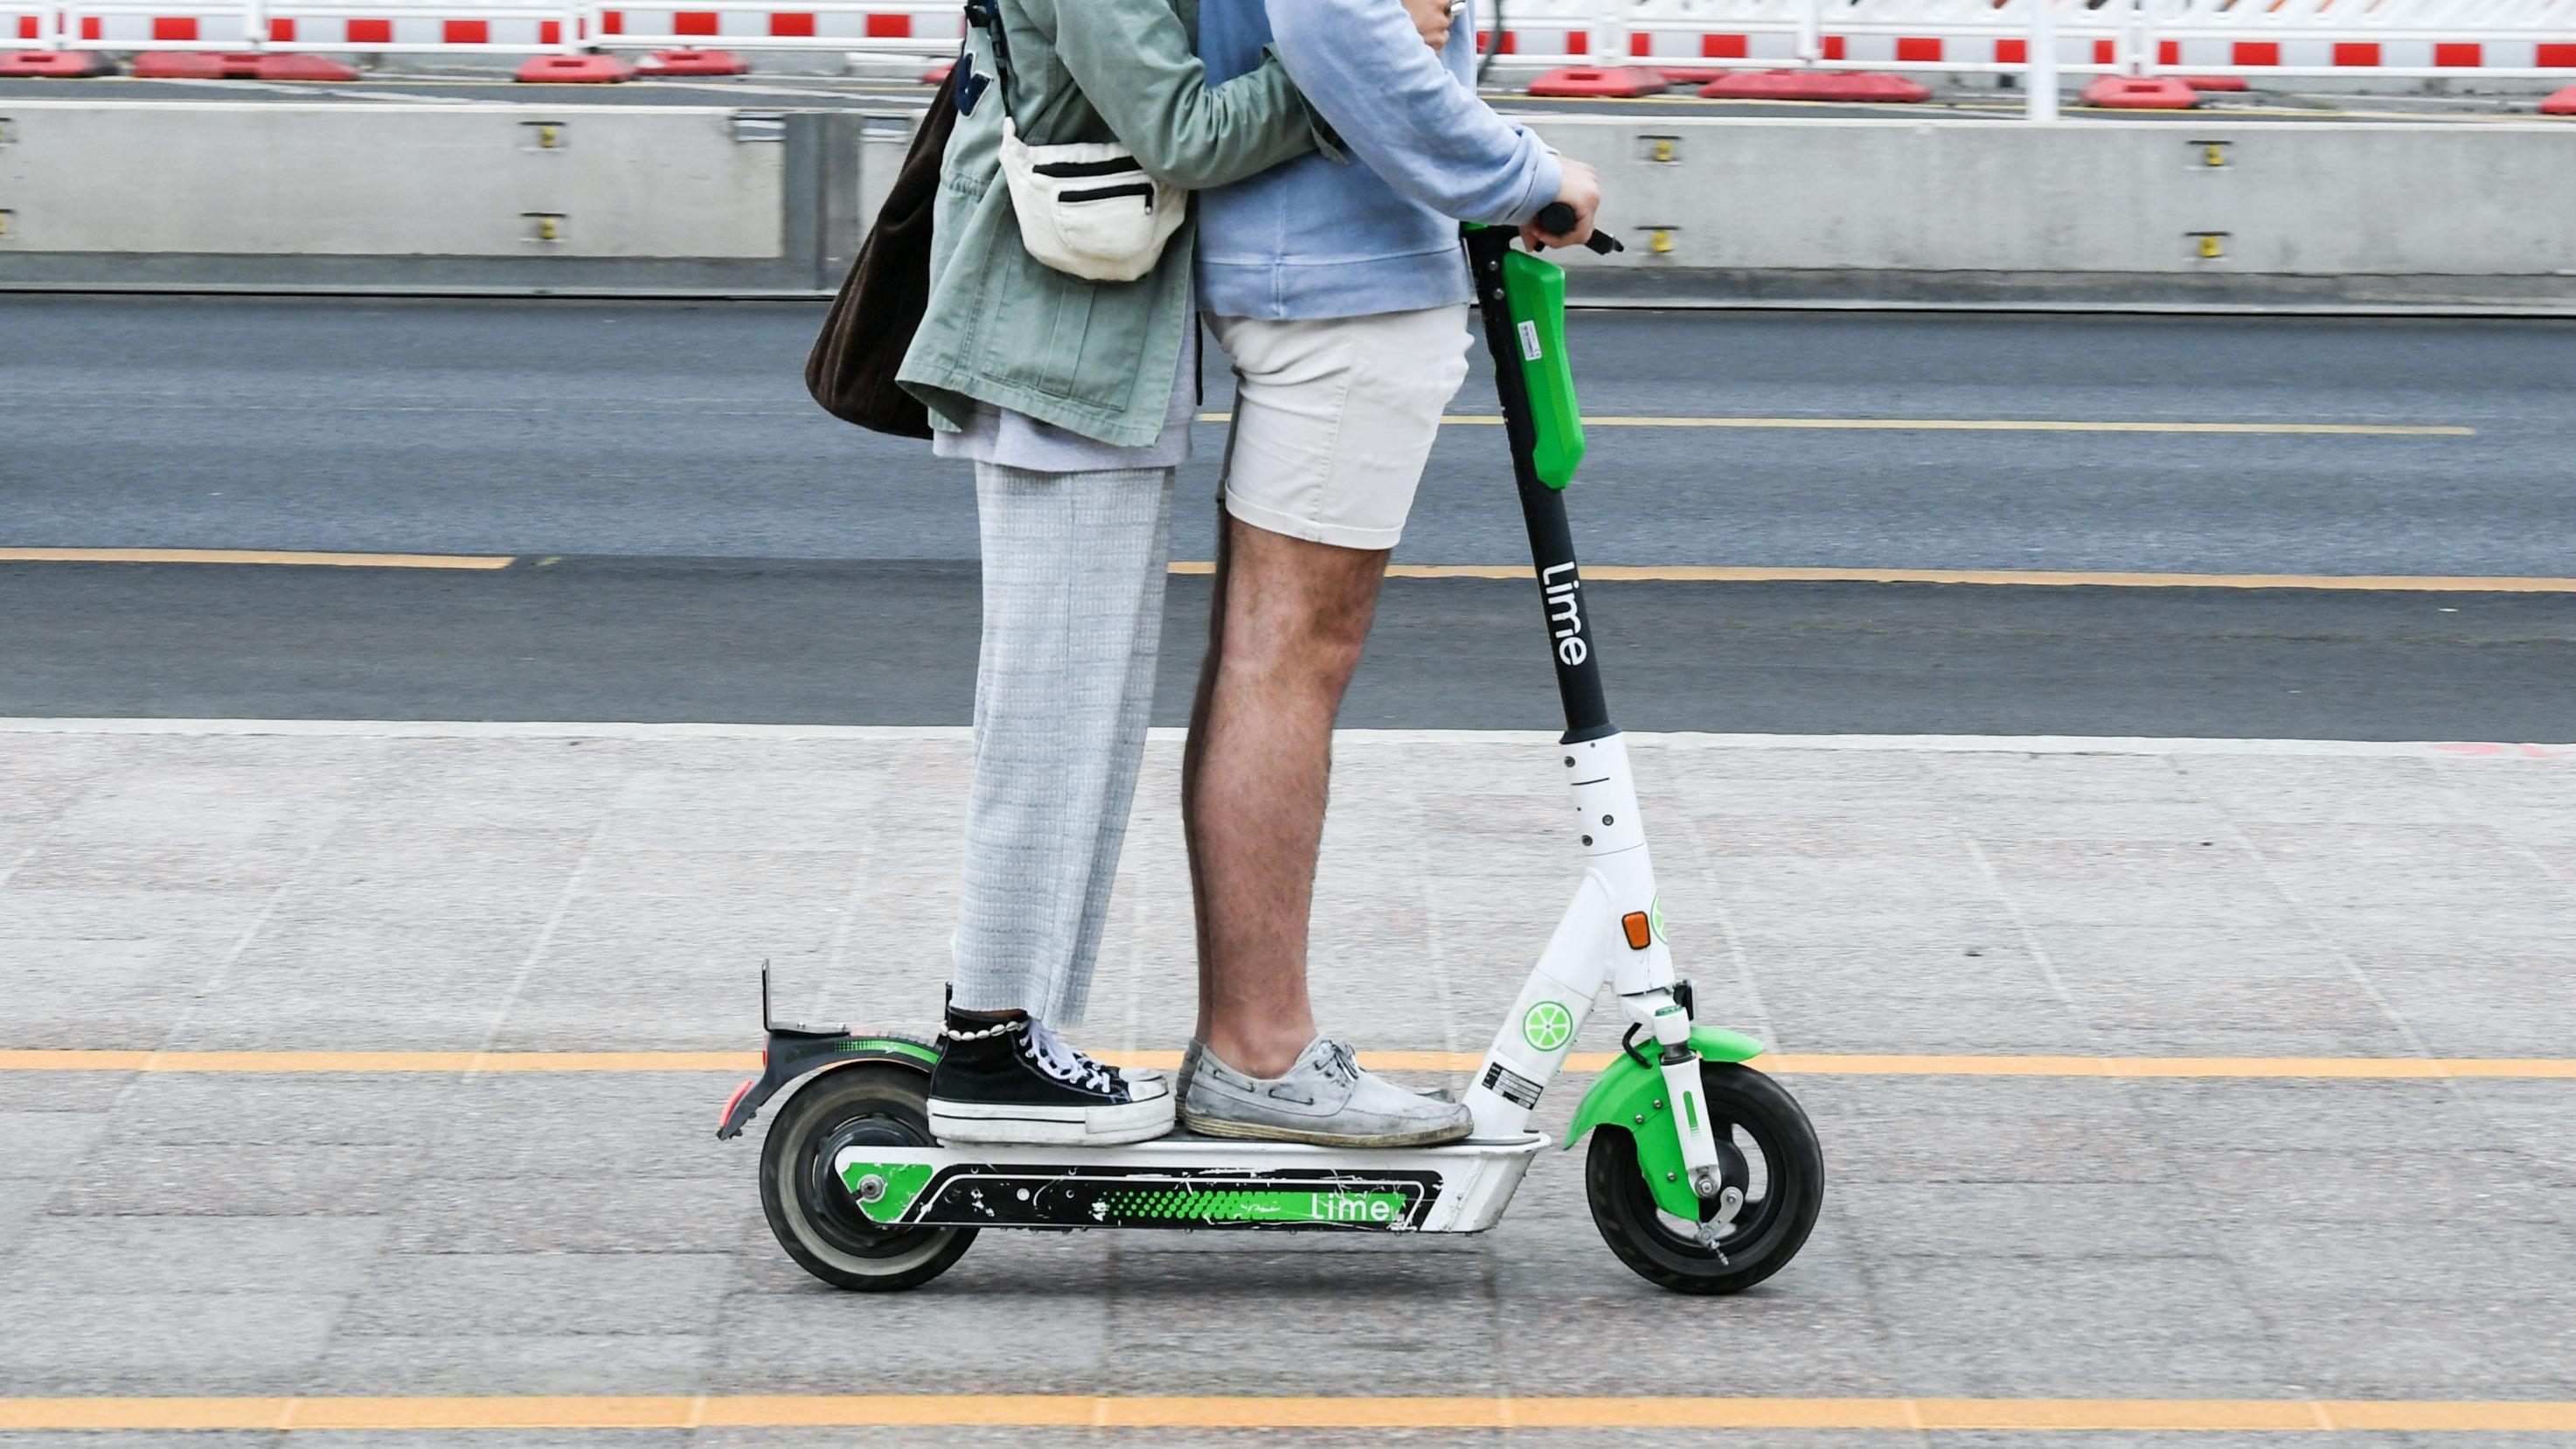 Zwei Personen fahren gemeinsam gleichzeitig auf einem E-Tretroller. Das ist jedoch verboten.